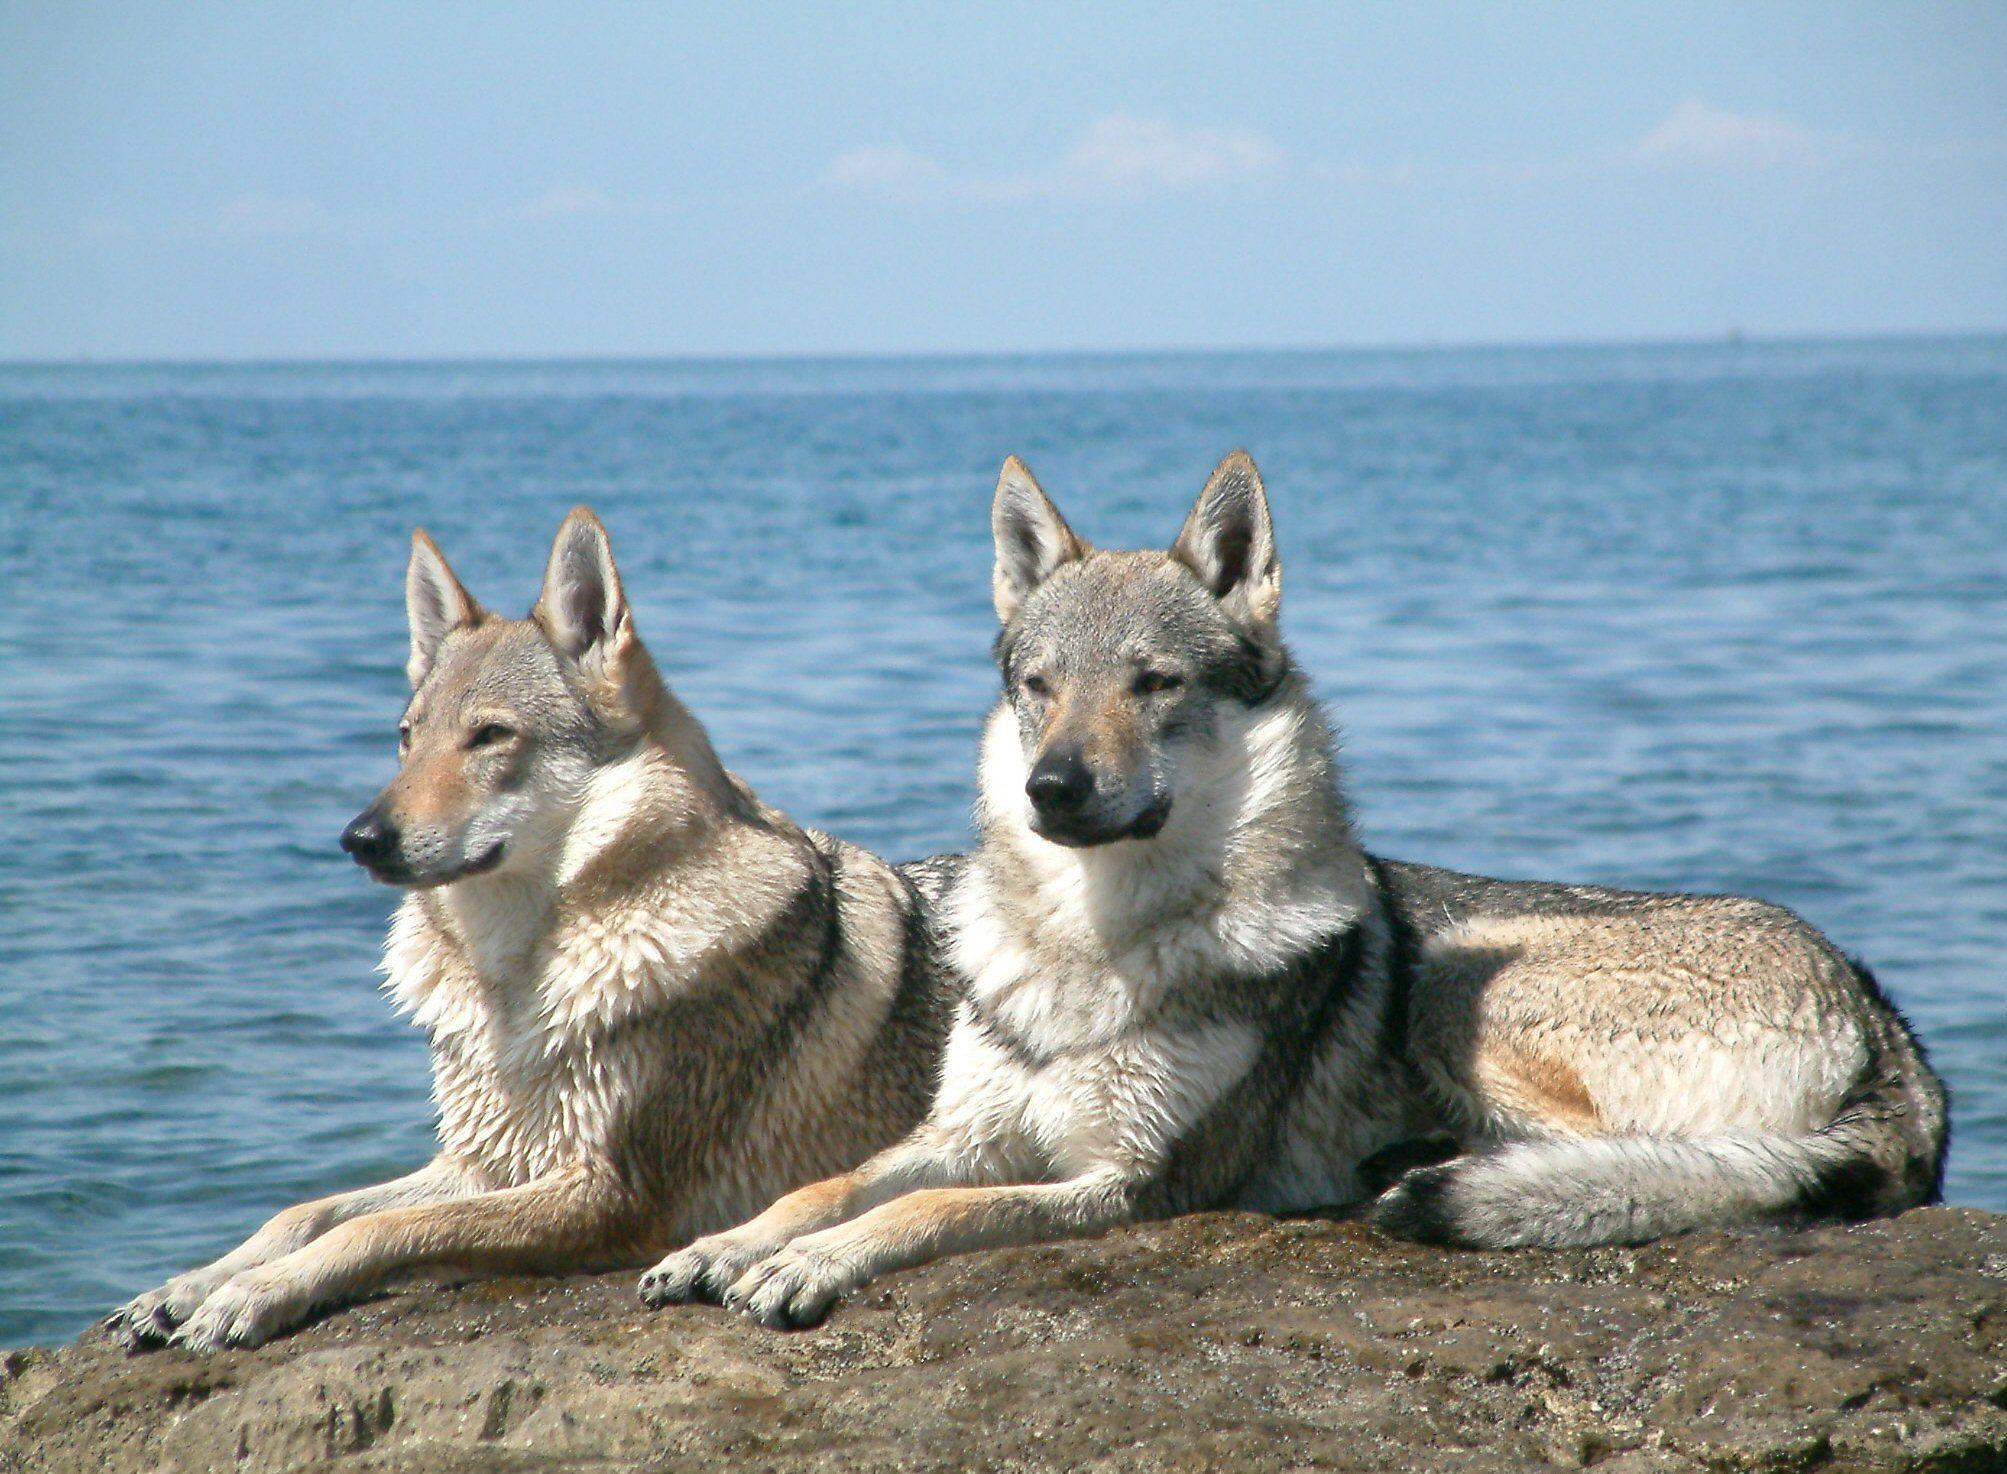 [Sondage] Top 10 des chiens les plus impressionants 7b61f295